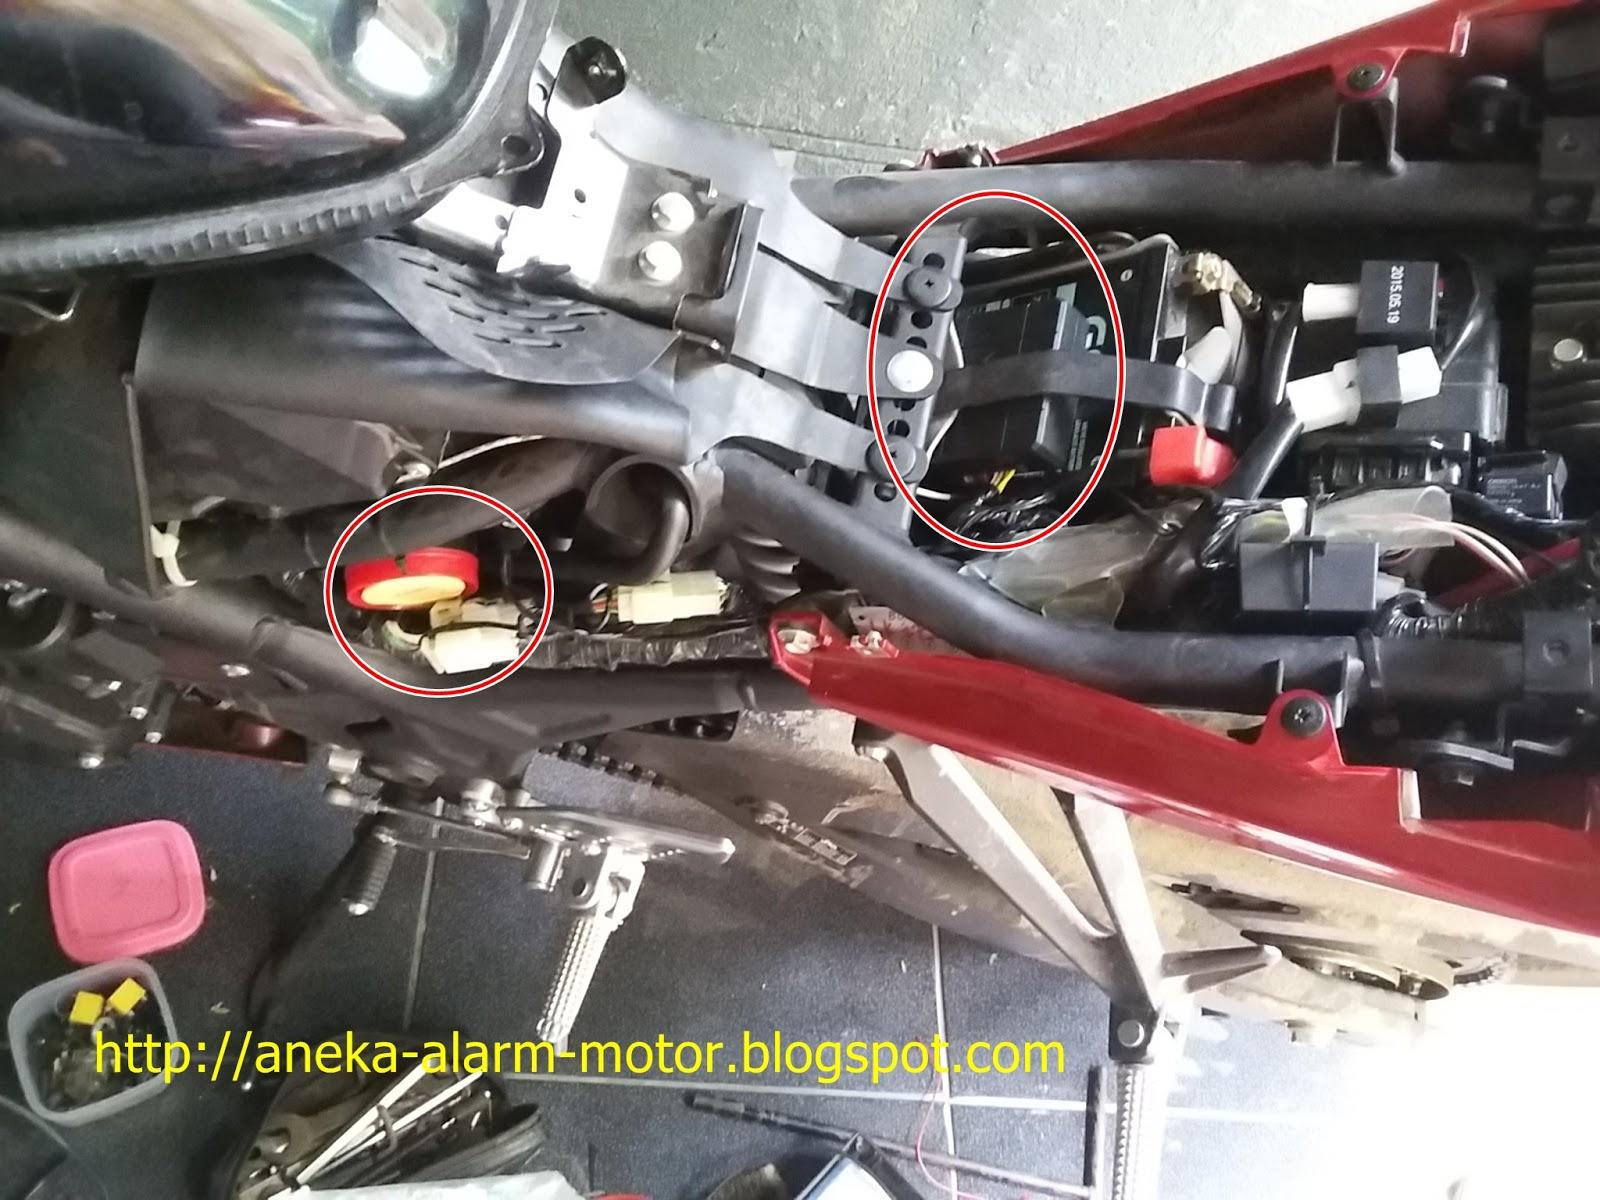 Aneka Alarm Motor  Cara Pasang Alarm Motor Remote Pada Yamaha R25